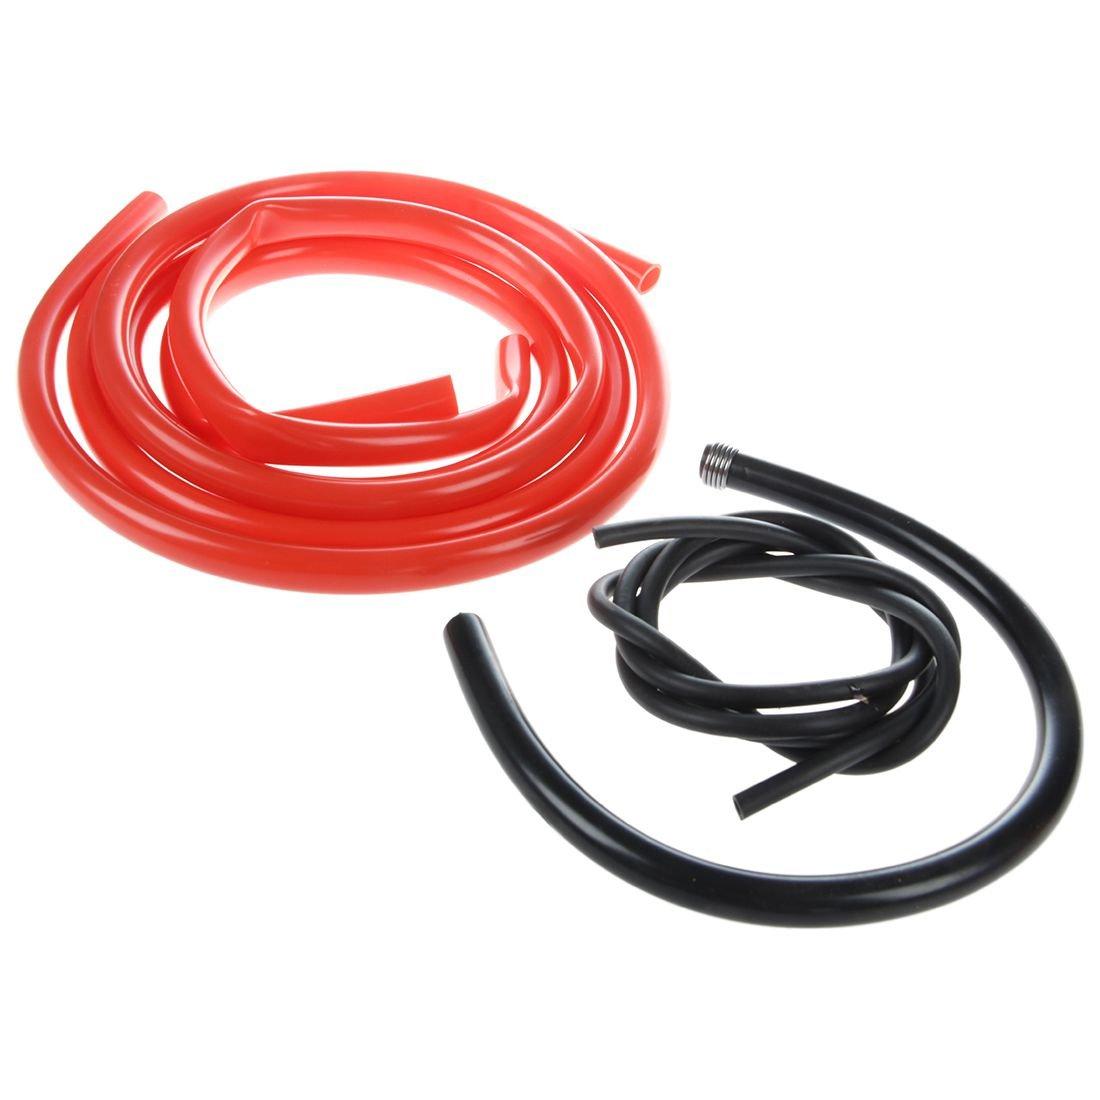 Toogoo Car Water Oil Fuel Change Transfer Gas Liquid Pipe Siphon Tool Air Pump Kit by Toogoo (Image #5)